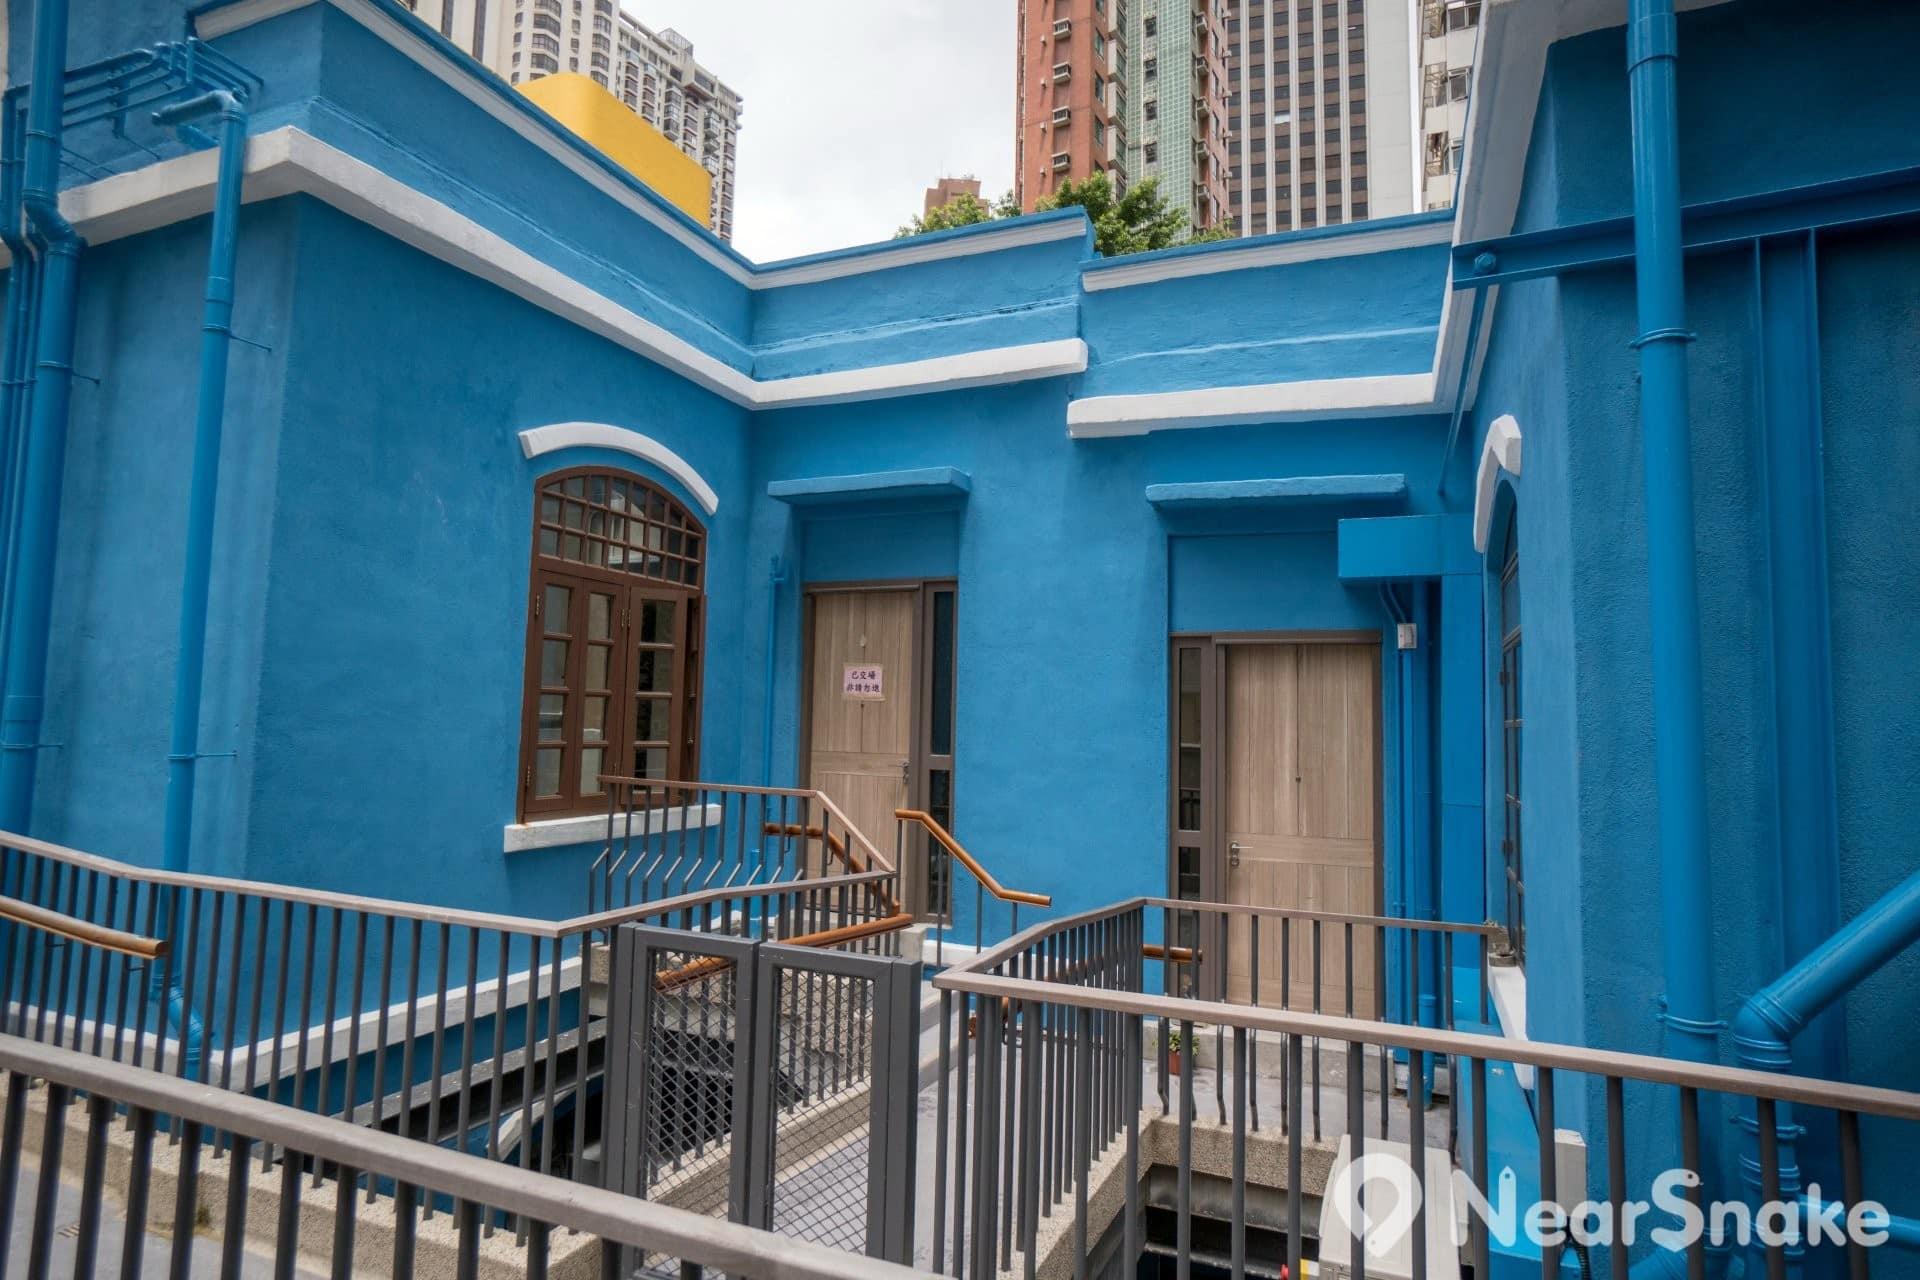 採用民居方式保育的藍屋,尚有多戶未被租出,有興趣者不妨租來一住吧!